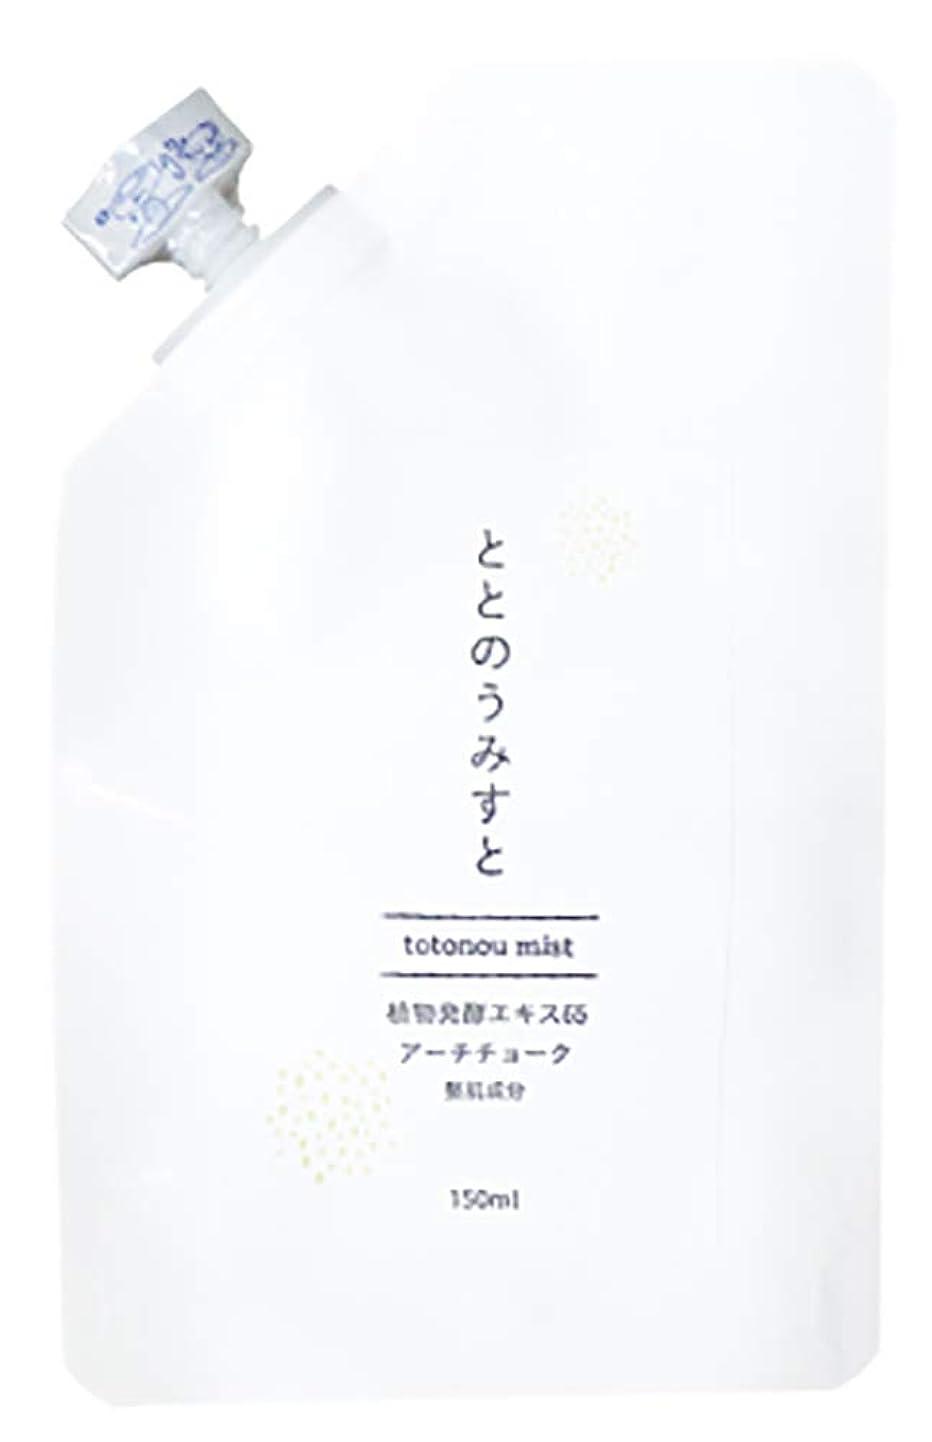 積分あえぎハイジャックファンファレ ととのうみすと 詰め替え クレンジングウォーター 毛穴 クレンジング 洗顔 [無添加 65種類の植物酵素] 毛穴ケア 化粧落とし 美肌 スキンケア 150ml